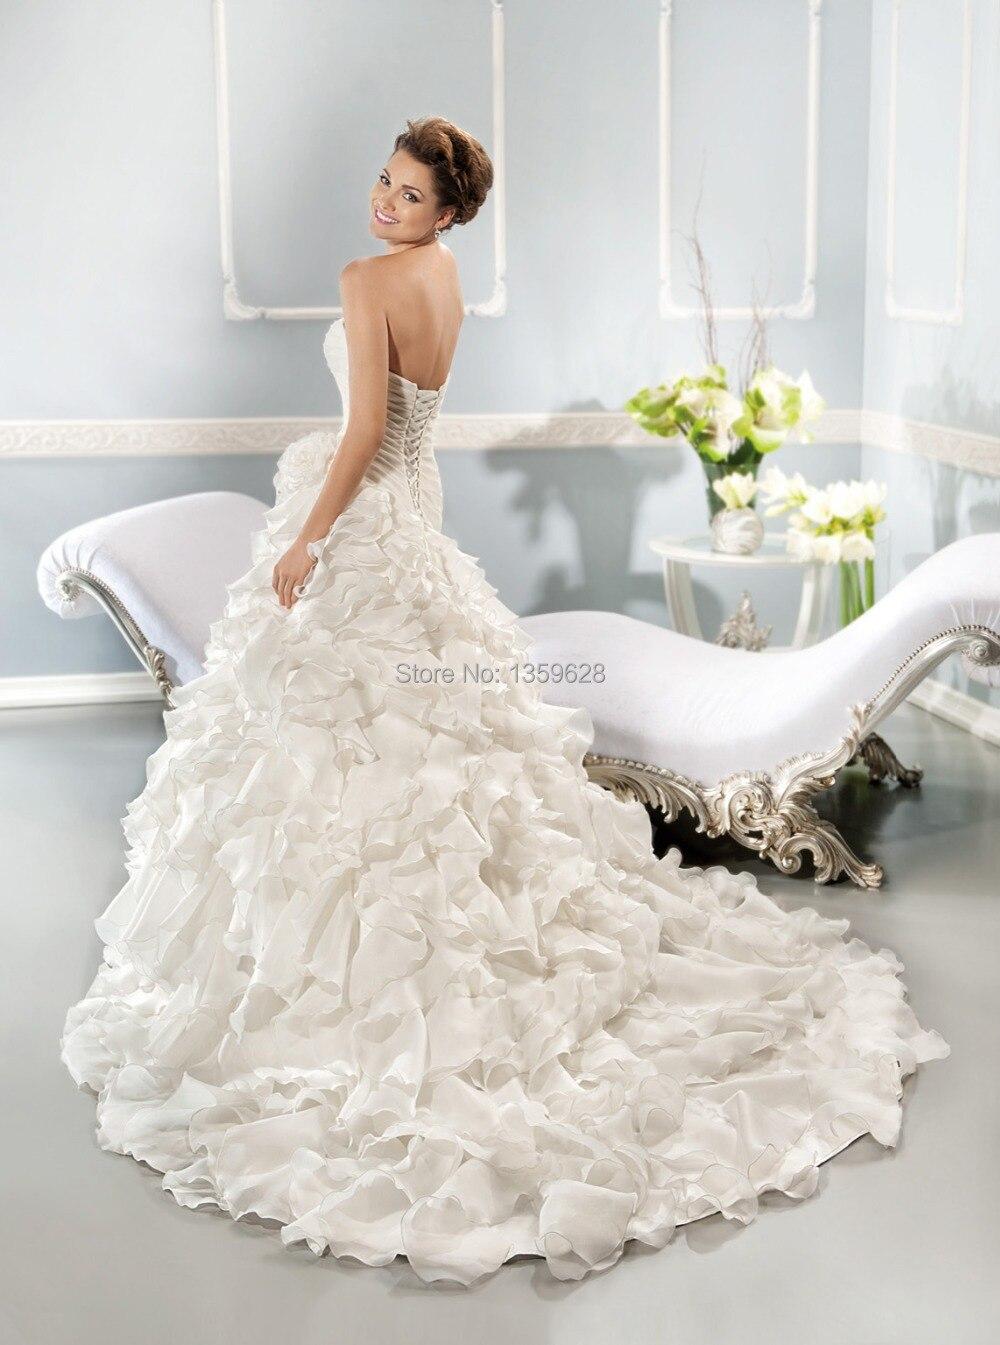 Dt 068 Asymmetrical Pleated Bodice Fashion Fluffy Skirt Wedding